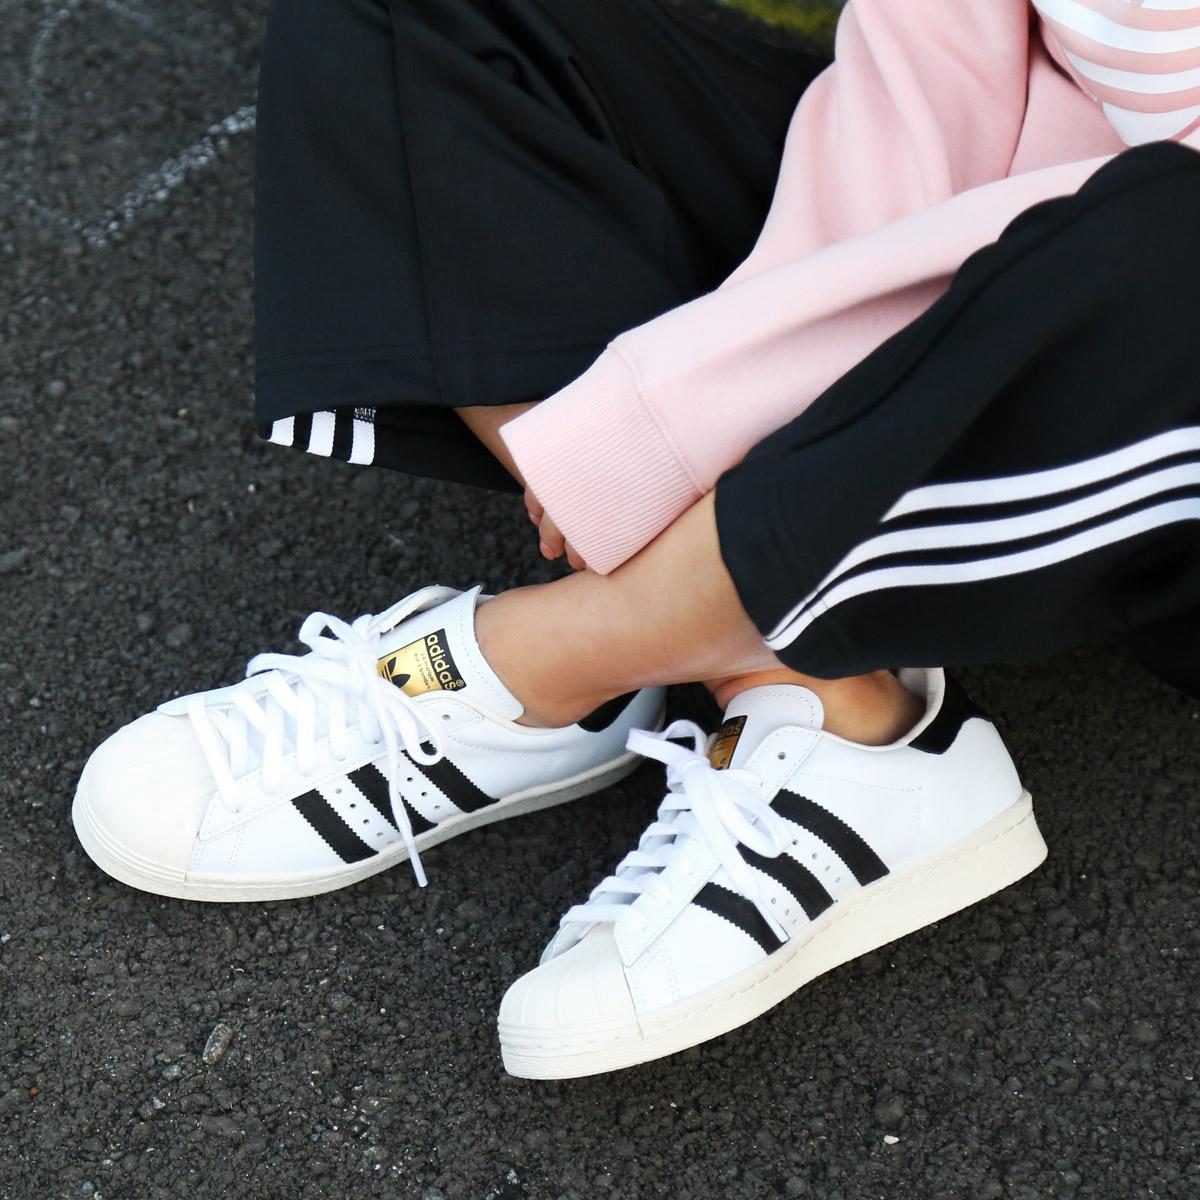 Atmos Pink Adidas Originals Superstar 80 S 80s Black White 16ss I